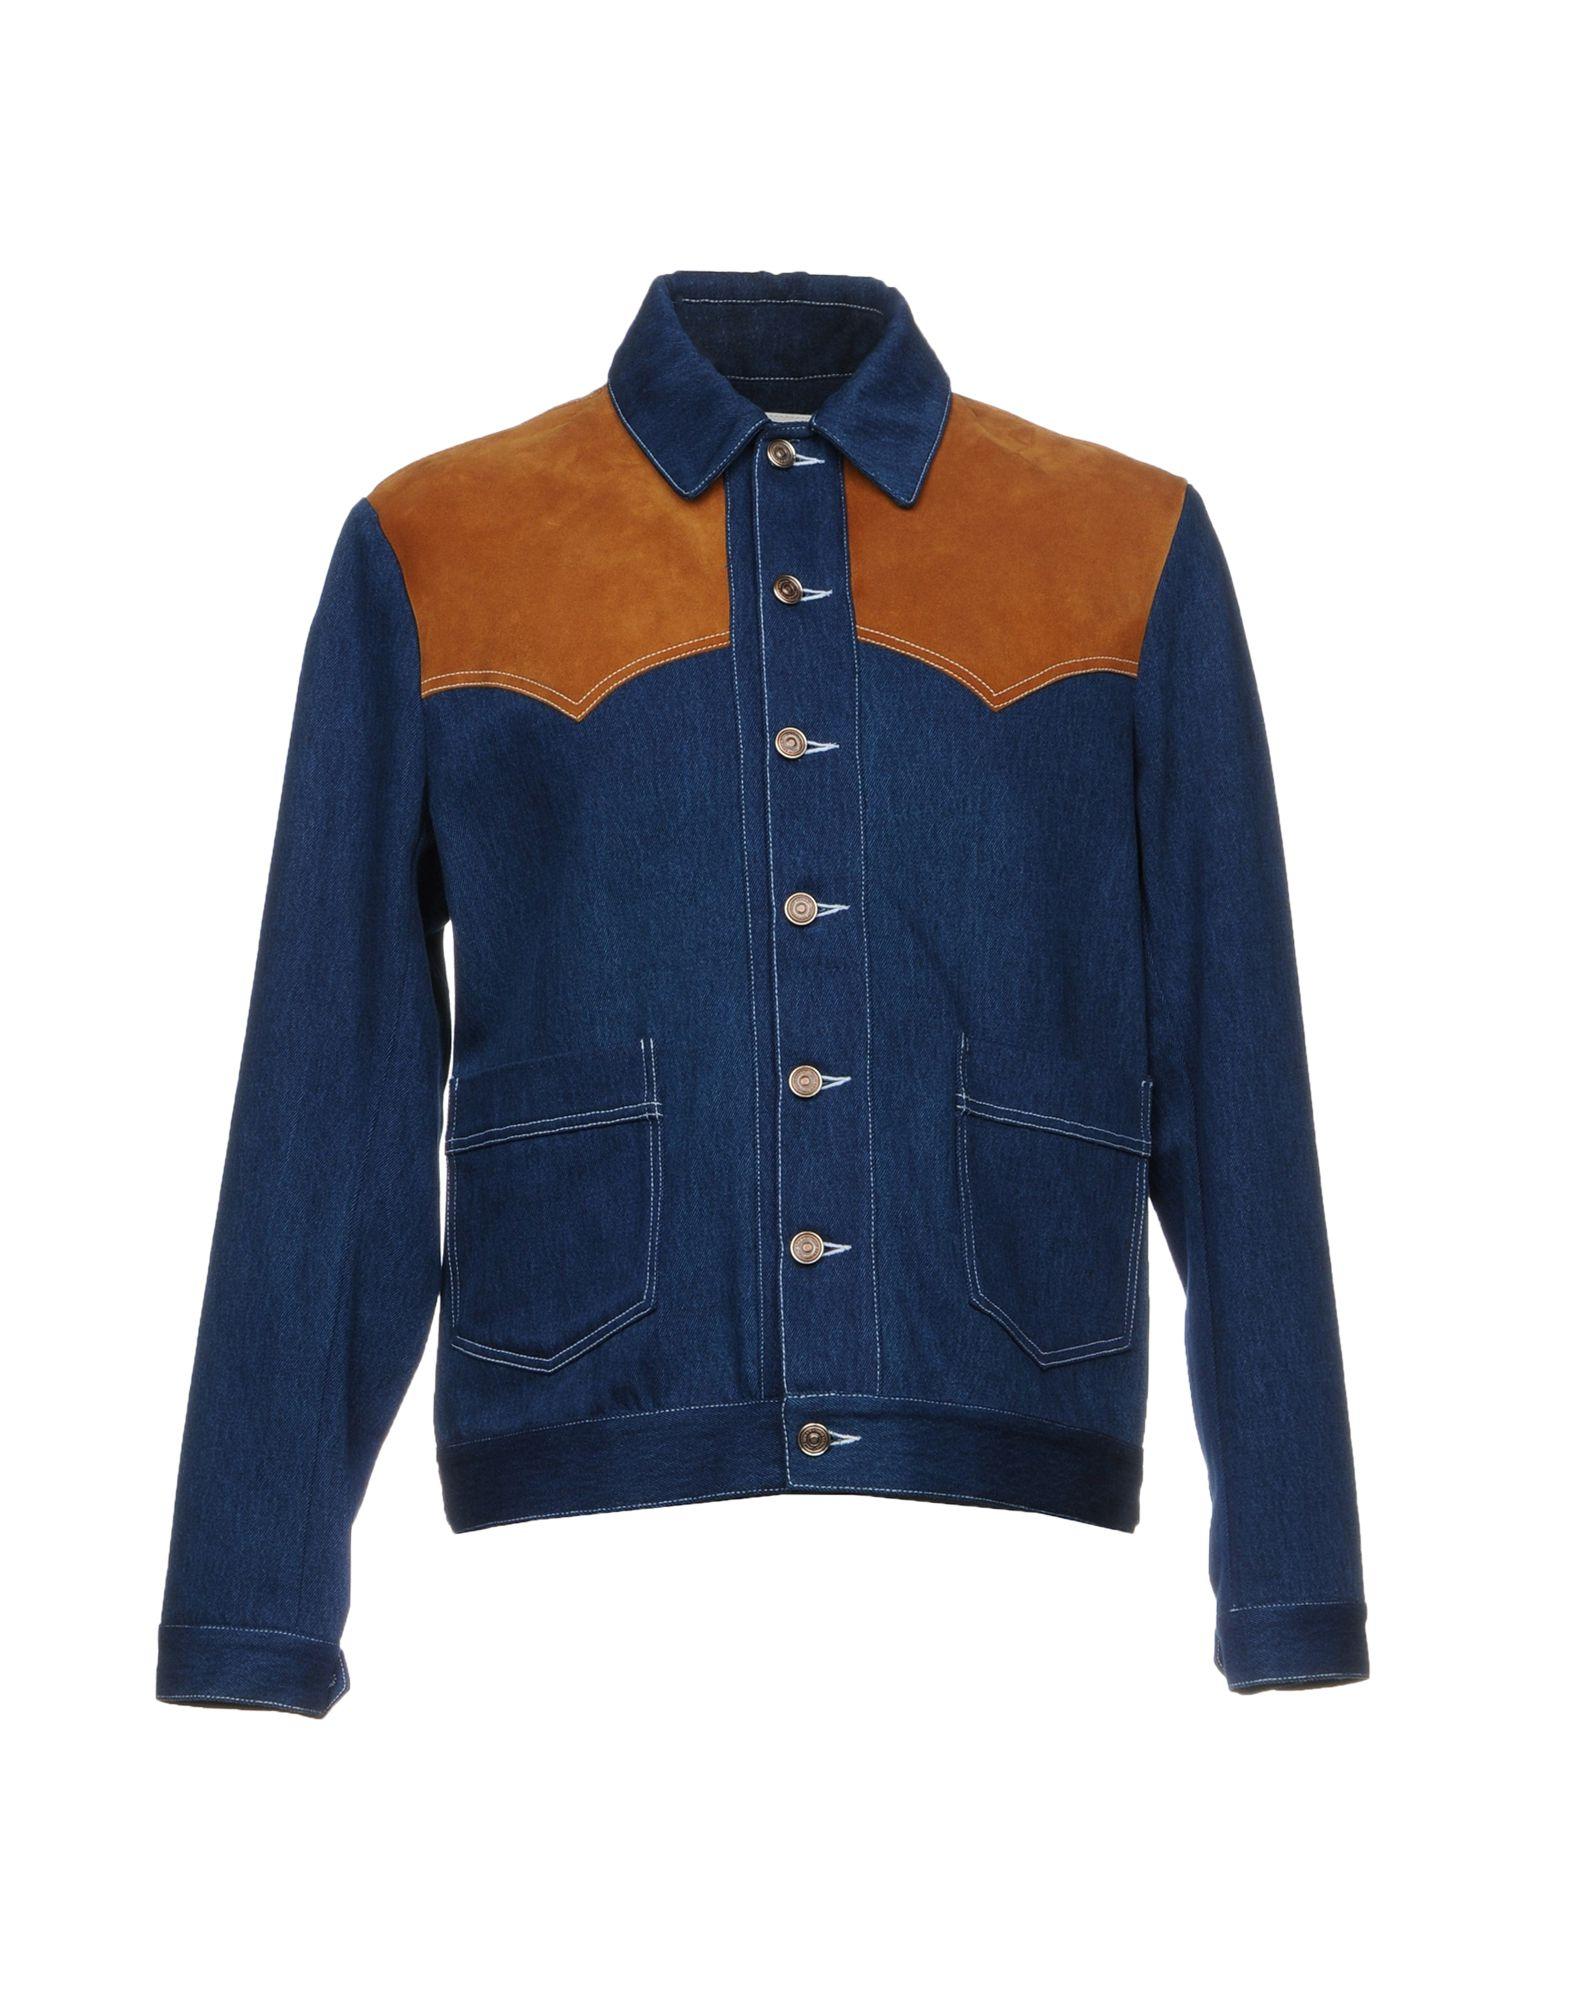 Giubbotto Jeans Umit Benan Uomo - Acquista online su